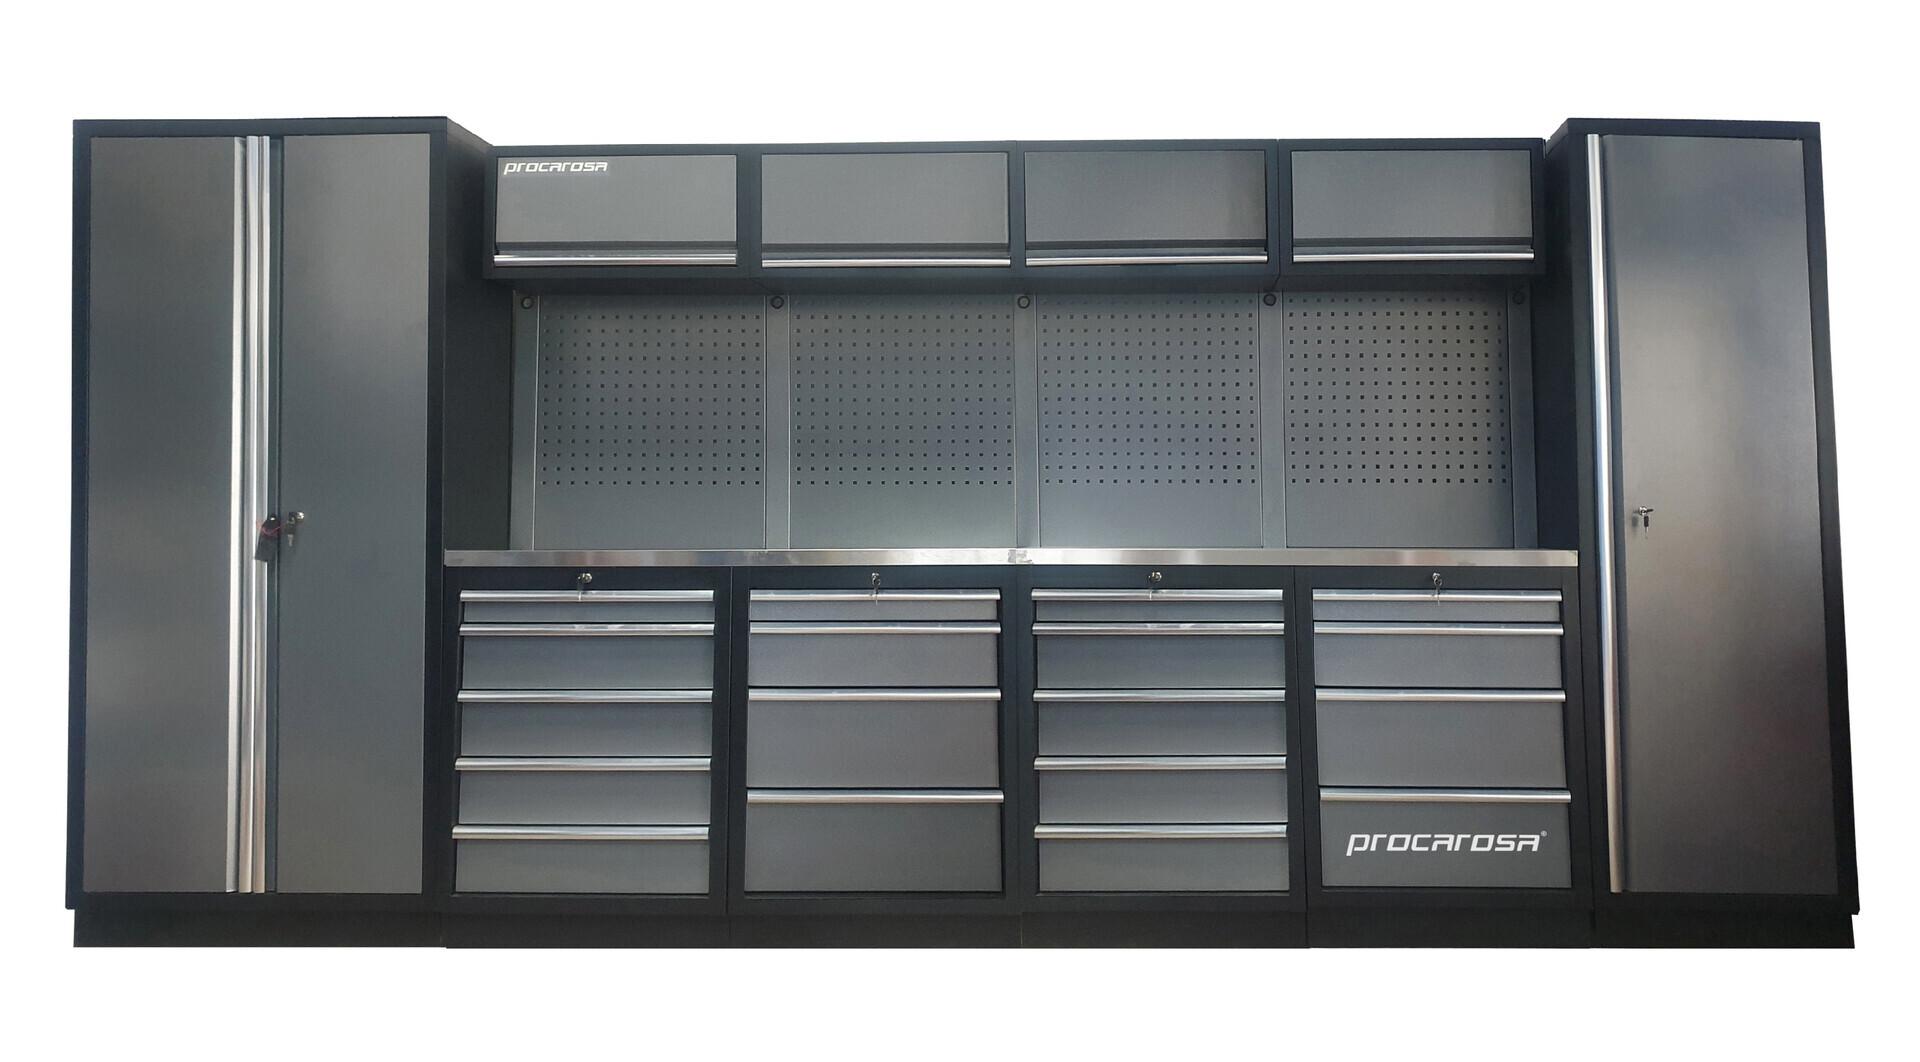 Sestava dílenského nábytku Procarosa PROFESSIONAL XL-7 Pracovní deska: nerezová, Hmotnost: